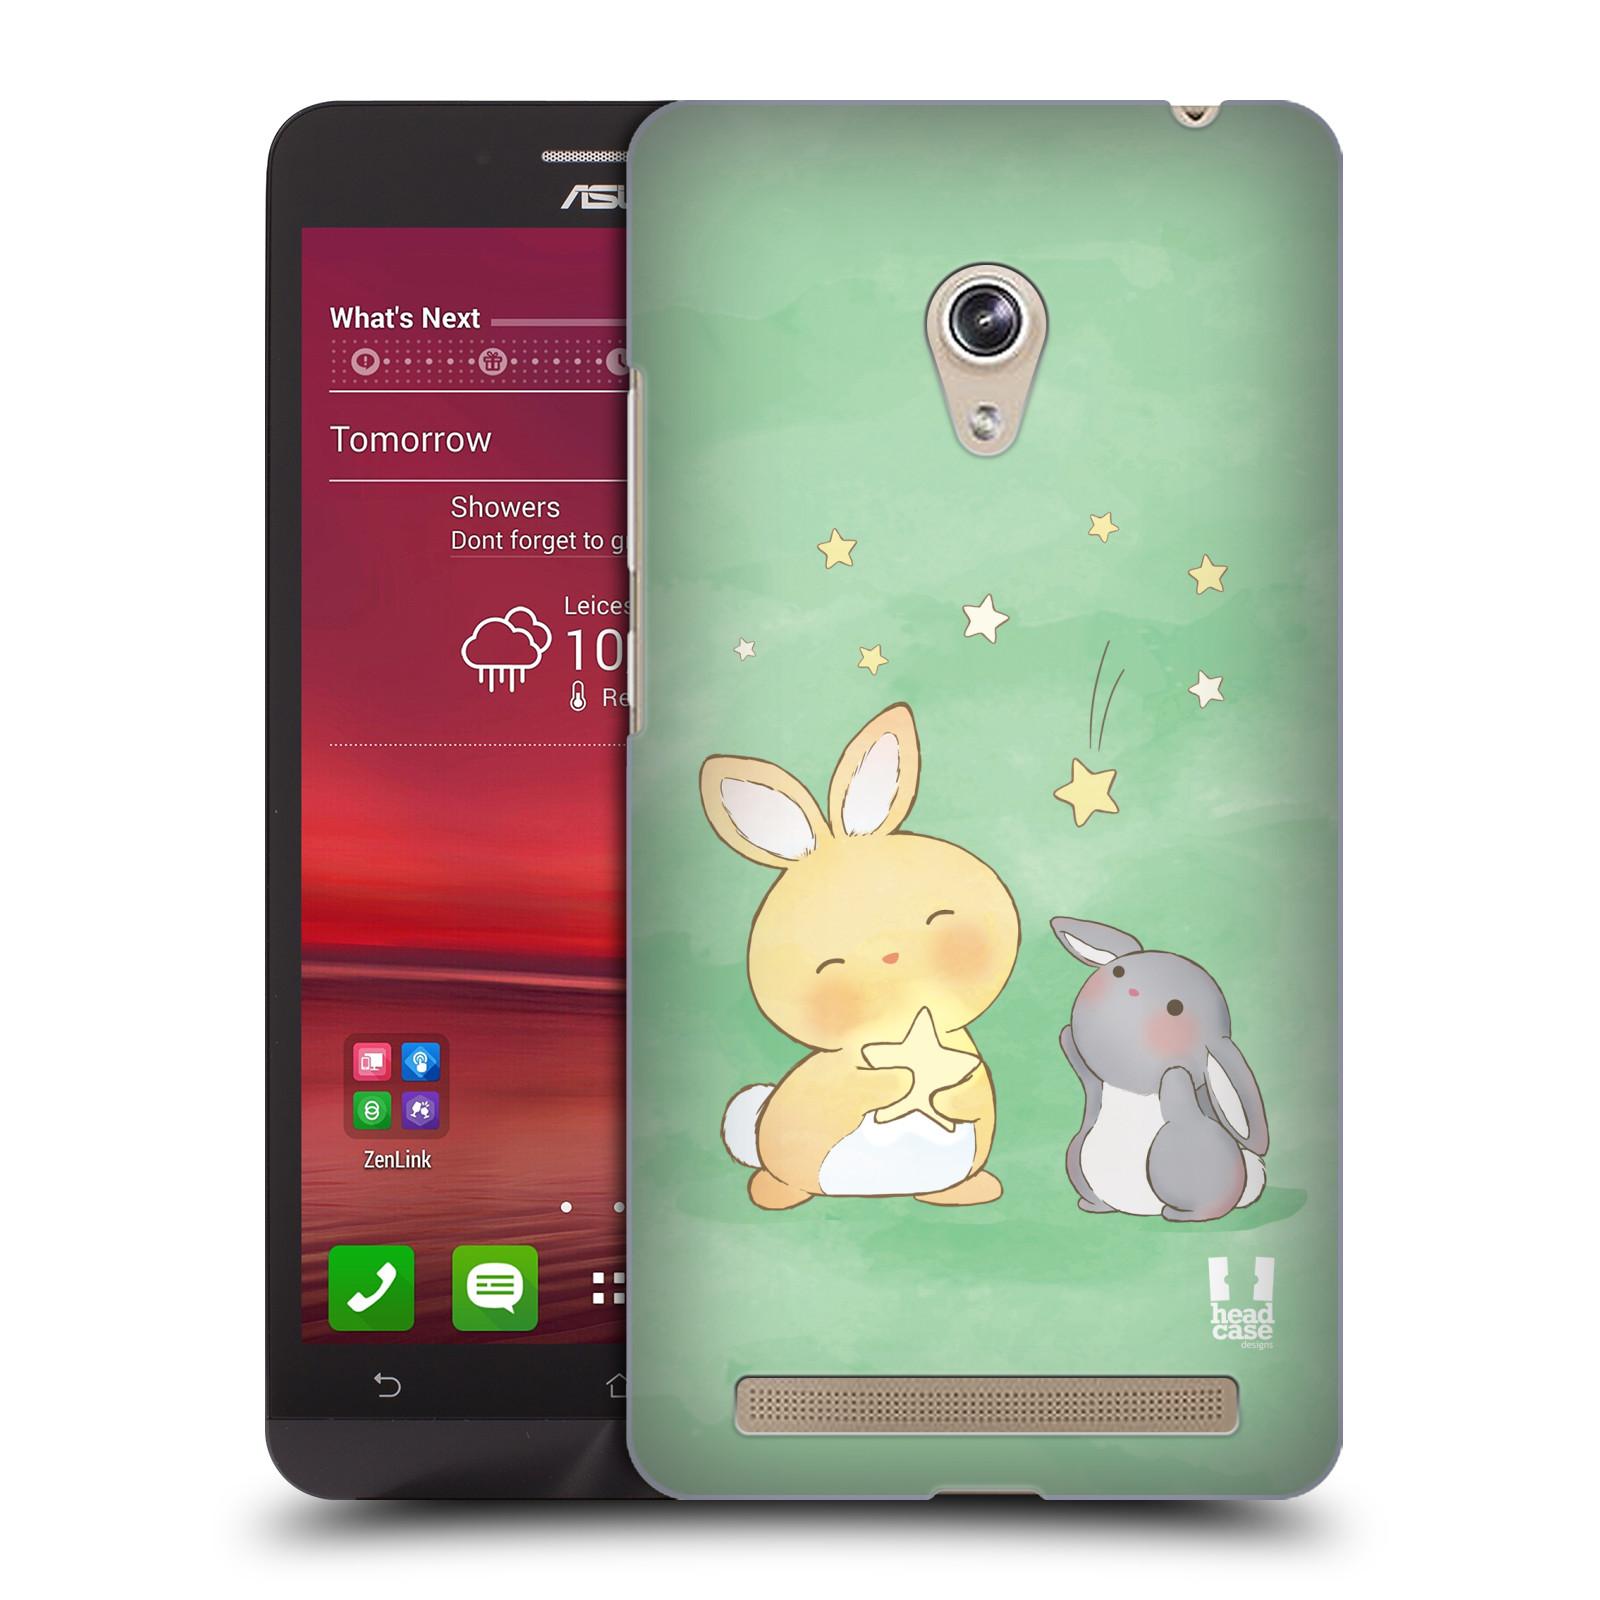 HEAD CASE plastový obal na mobil Asus Zenfone 6 vzor králíček a hvězdy zelená